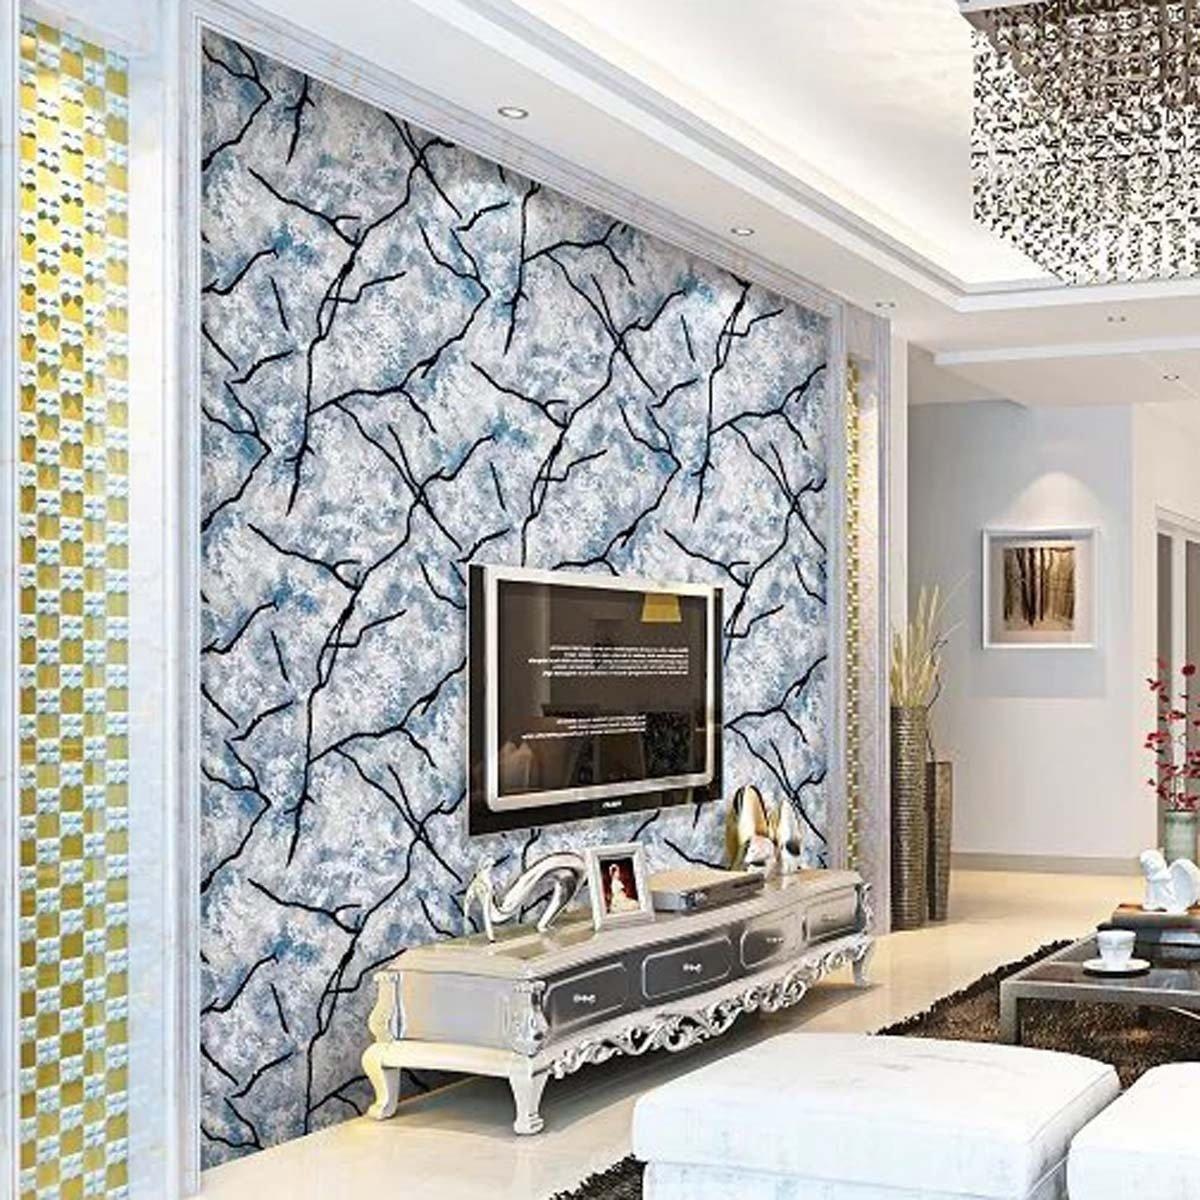 大切な Color 3dの壁紙モダンなミニマリスト3次元のストライプdeerskin不織布の壁紙の壁の背景3つを購入する無料 Blue B07bvkqcf6 Blue 壁紙 Www Tournamentofroses Com